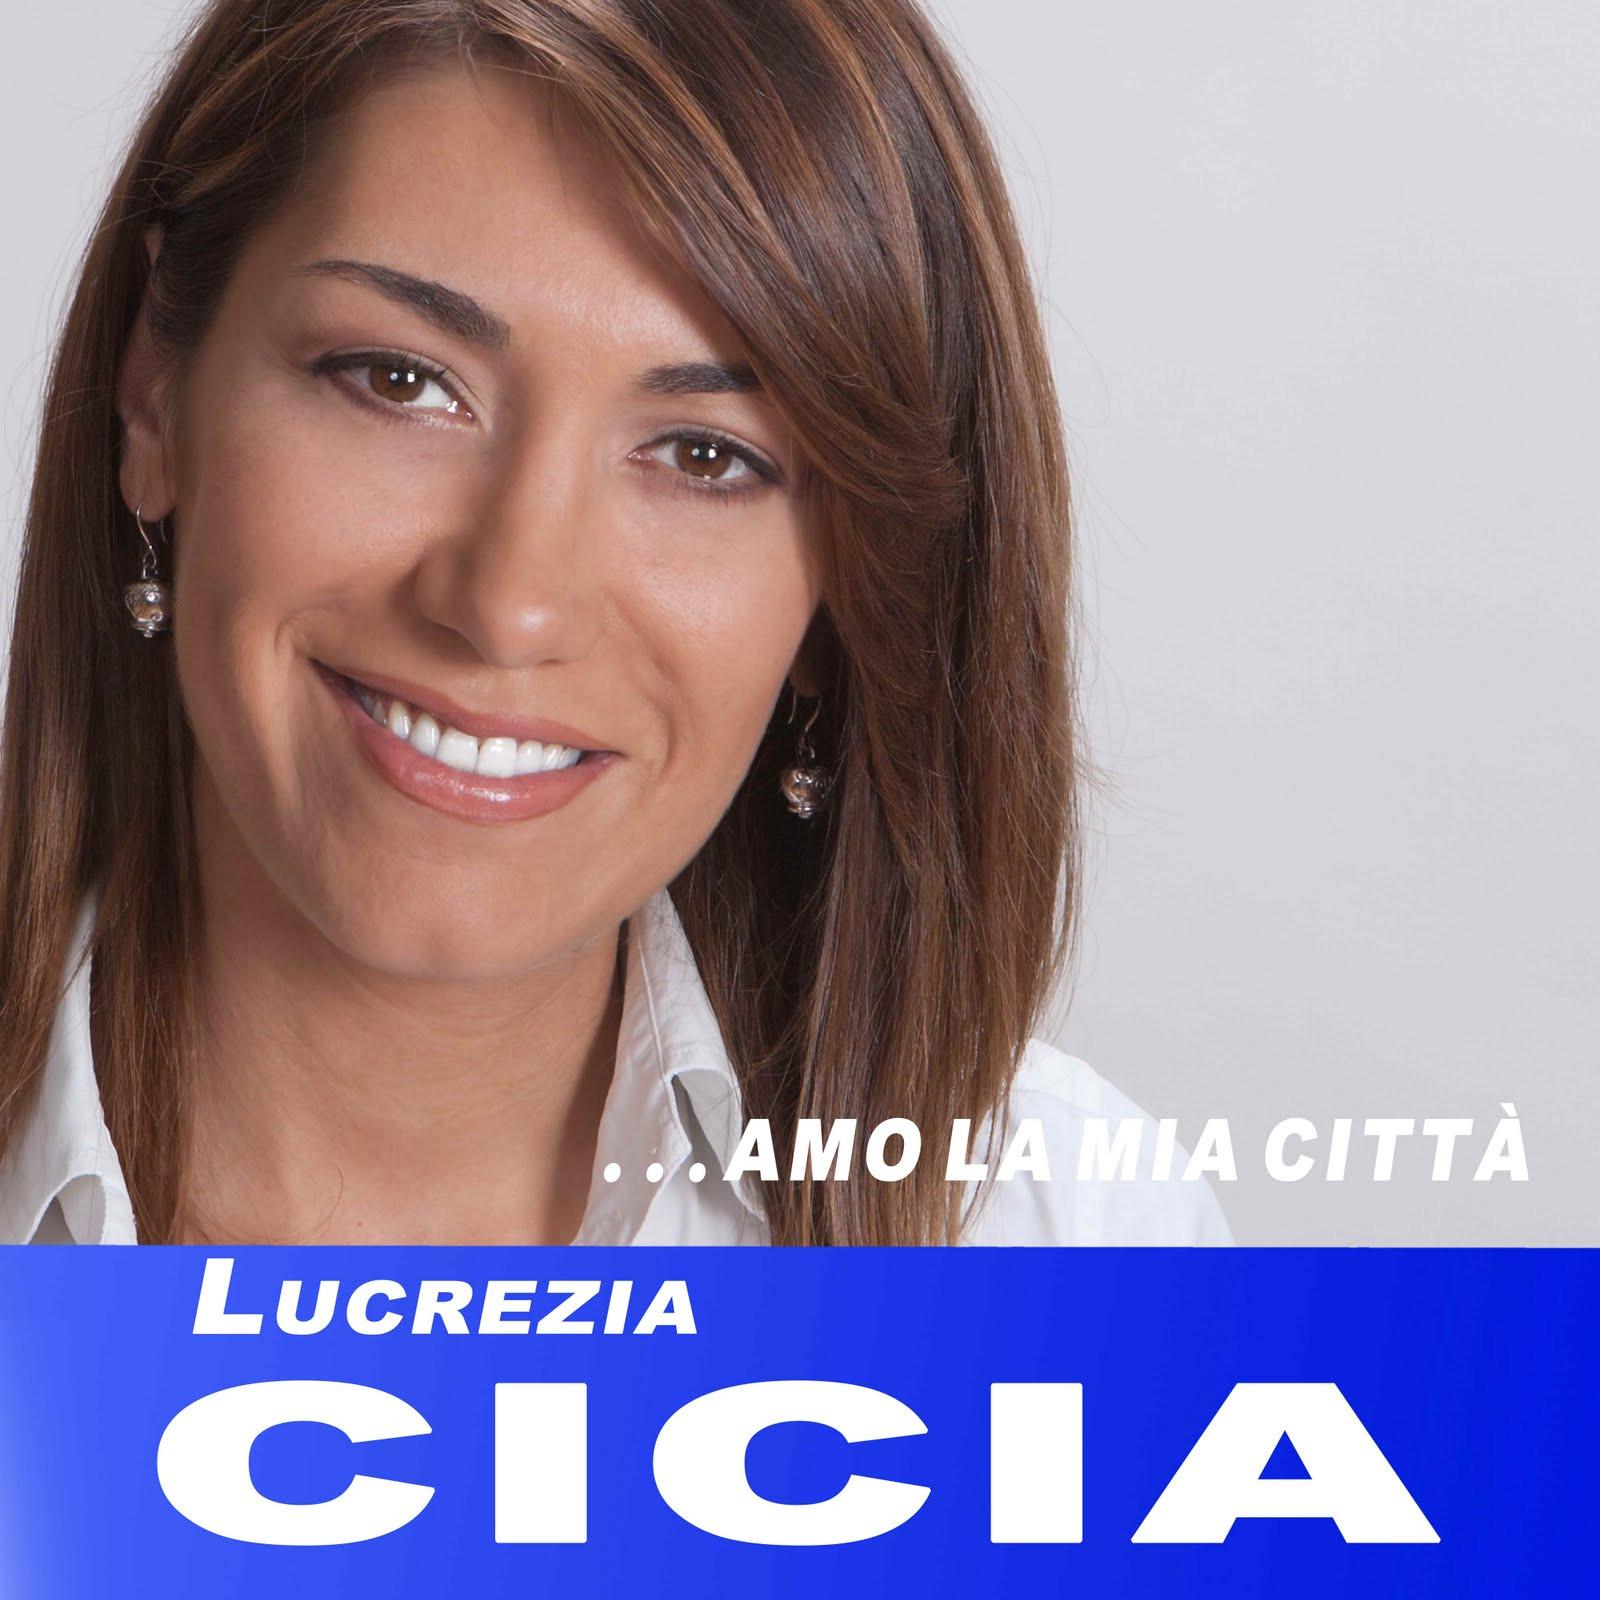 Cicia_5